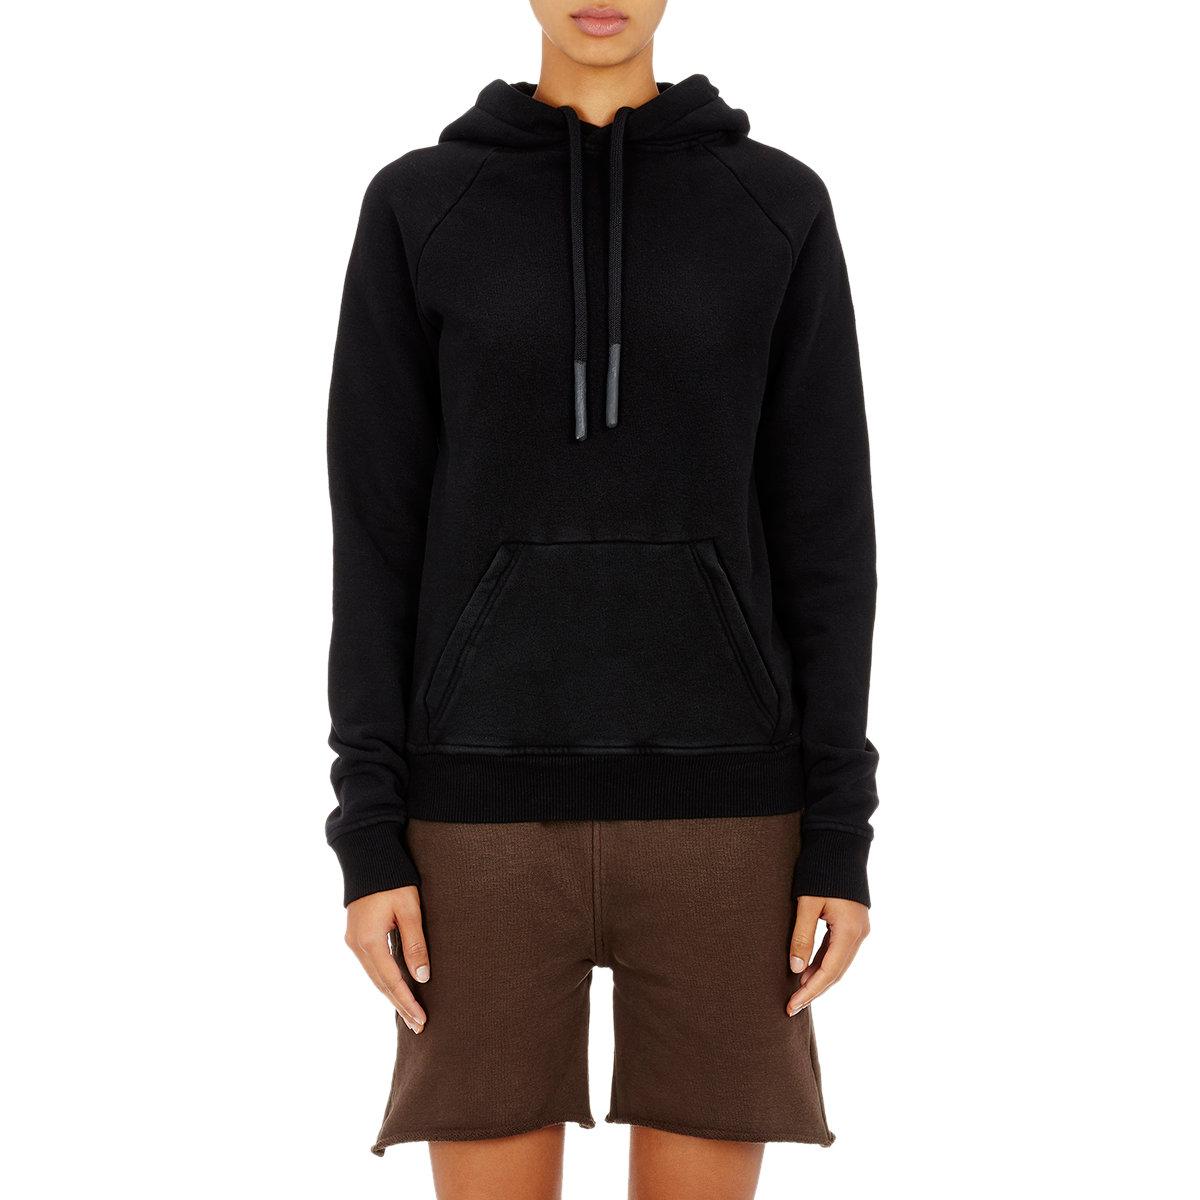 yeezy kangaroo pocket hoodie in black lyst. Black Bedroom Furniture Sets. Home Design Ideas